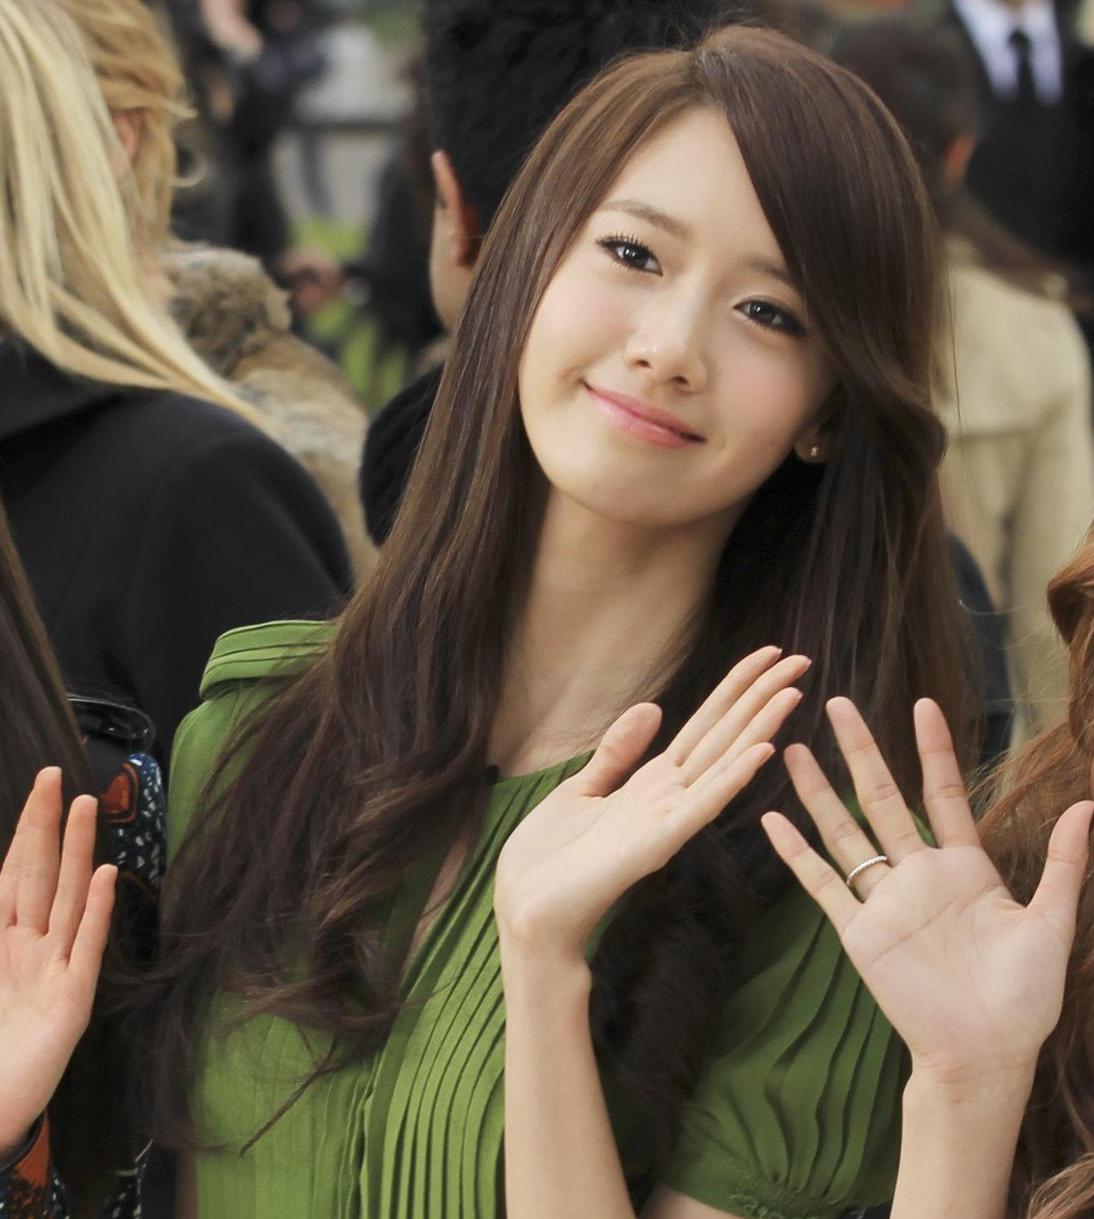 5. Yoona